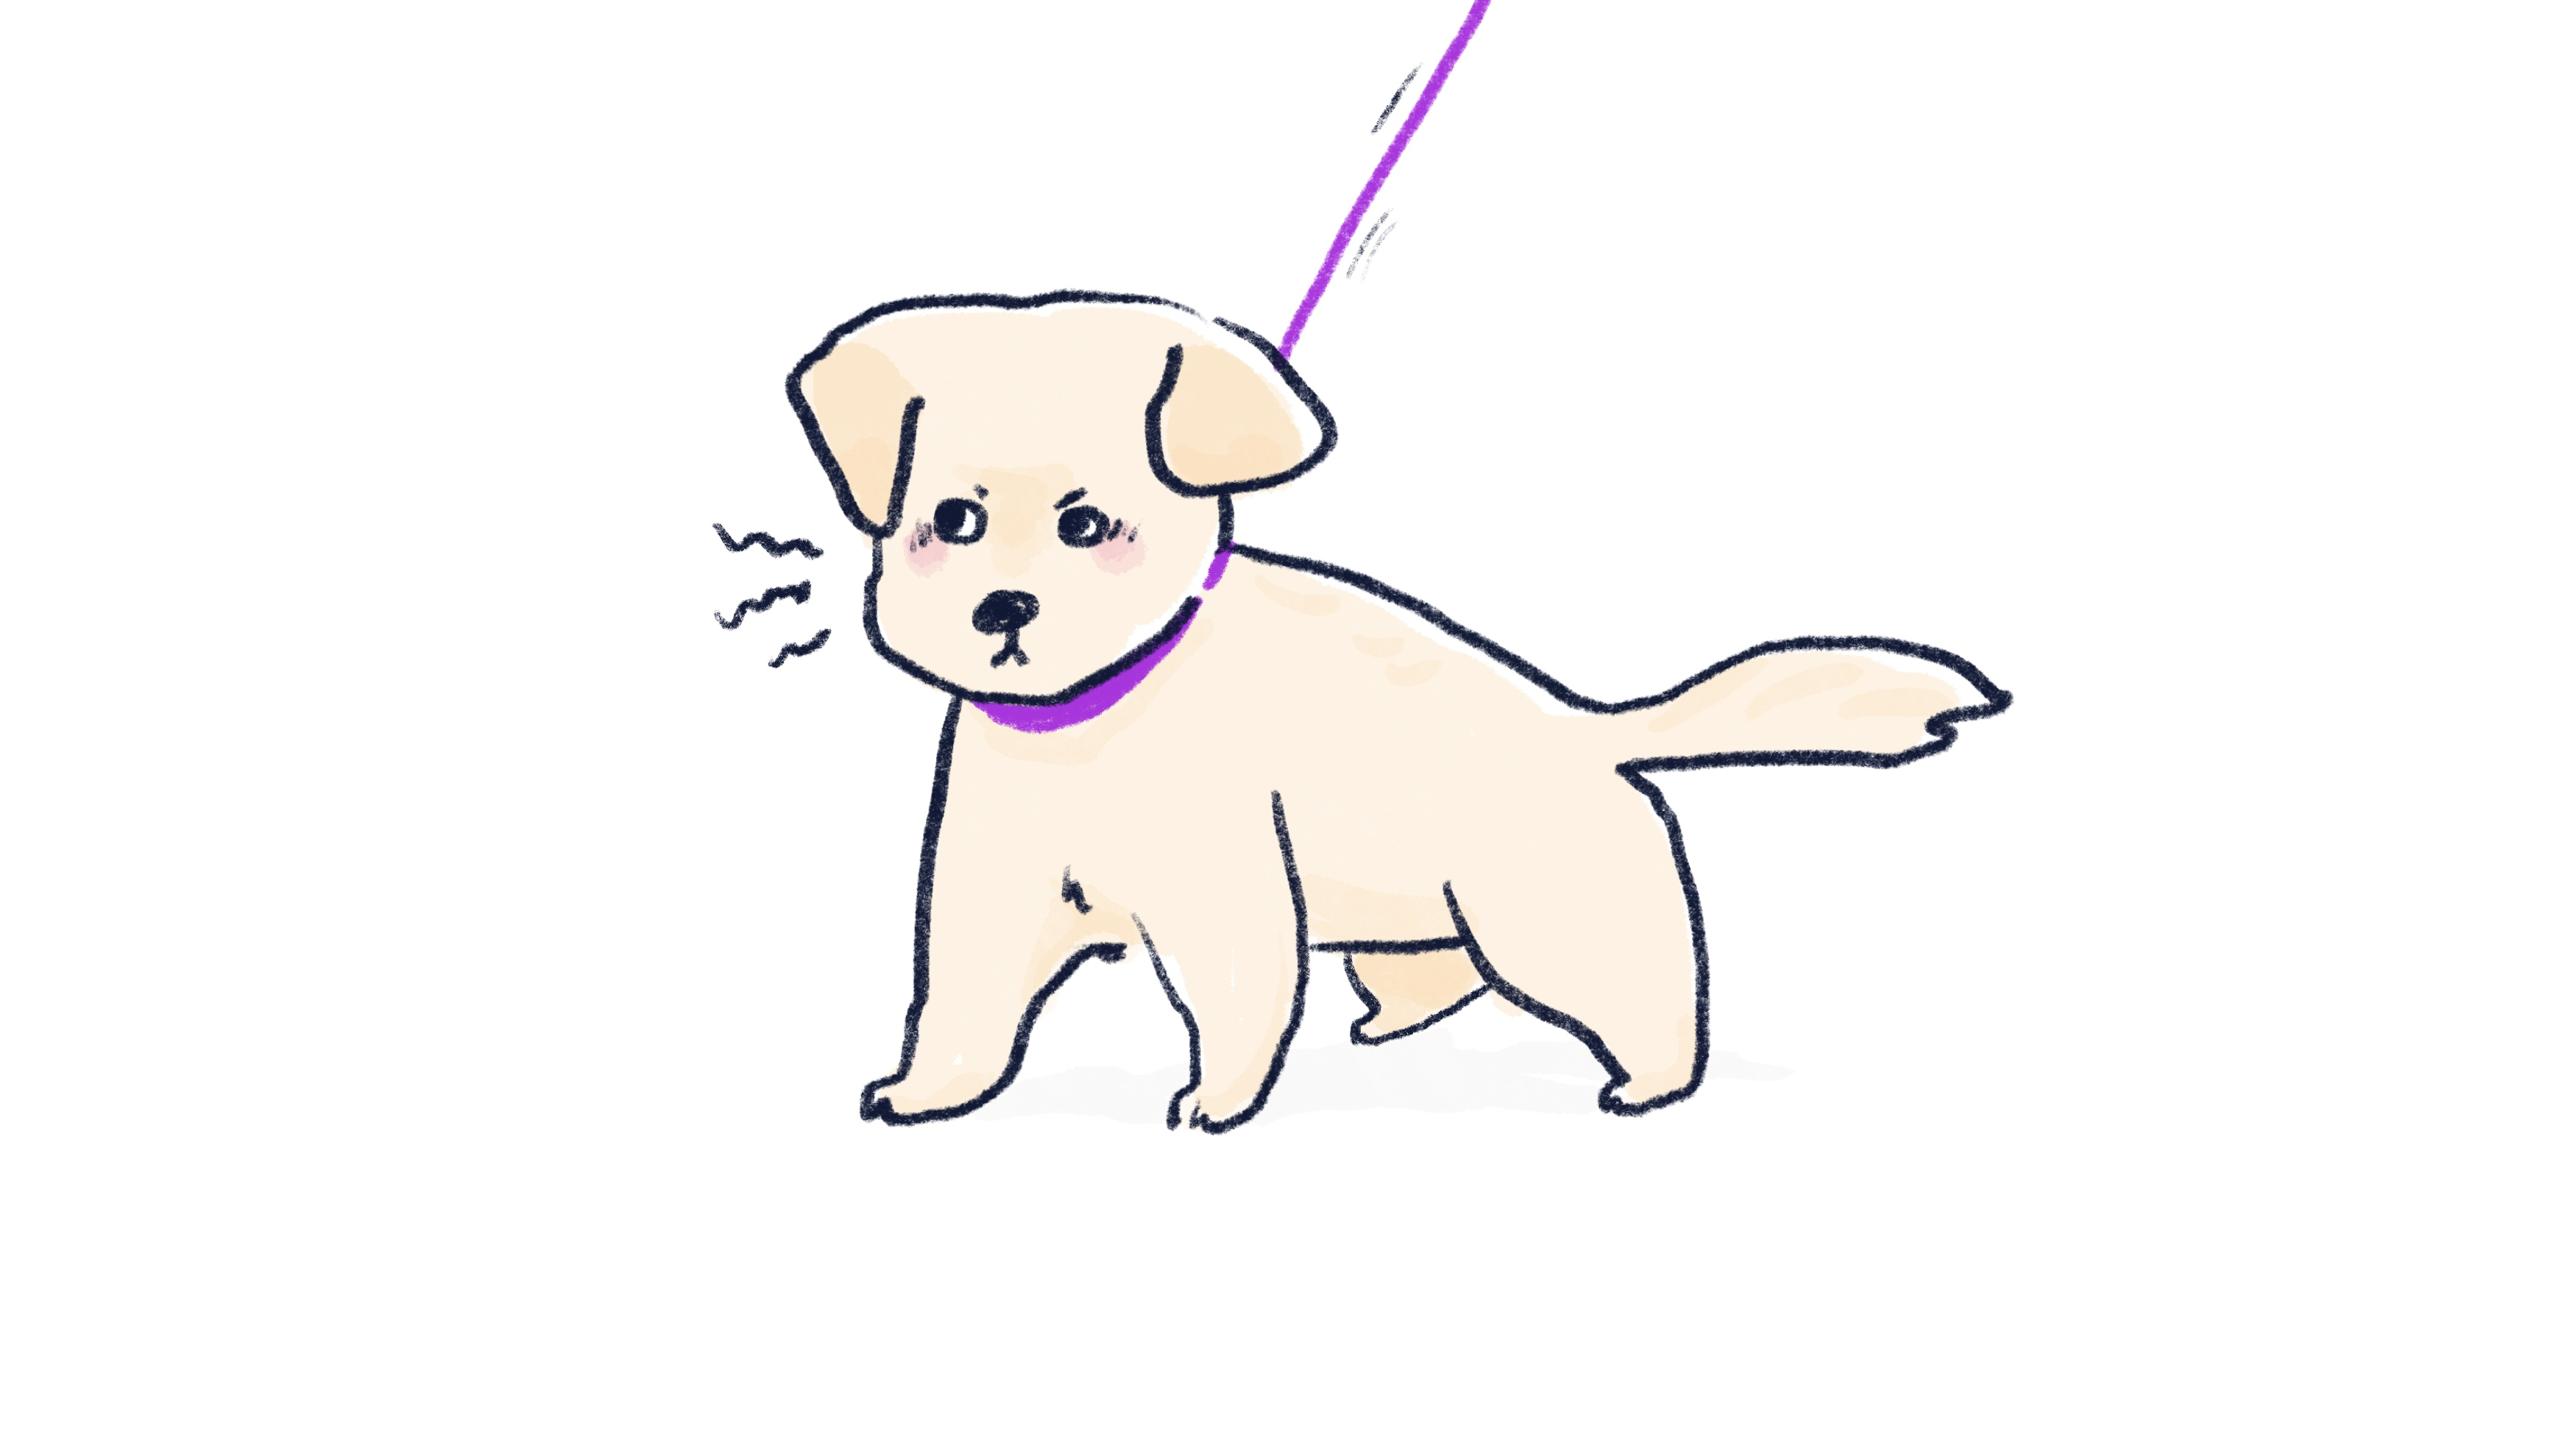 狗狗準備要吠叫的插圖